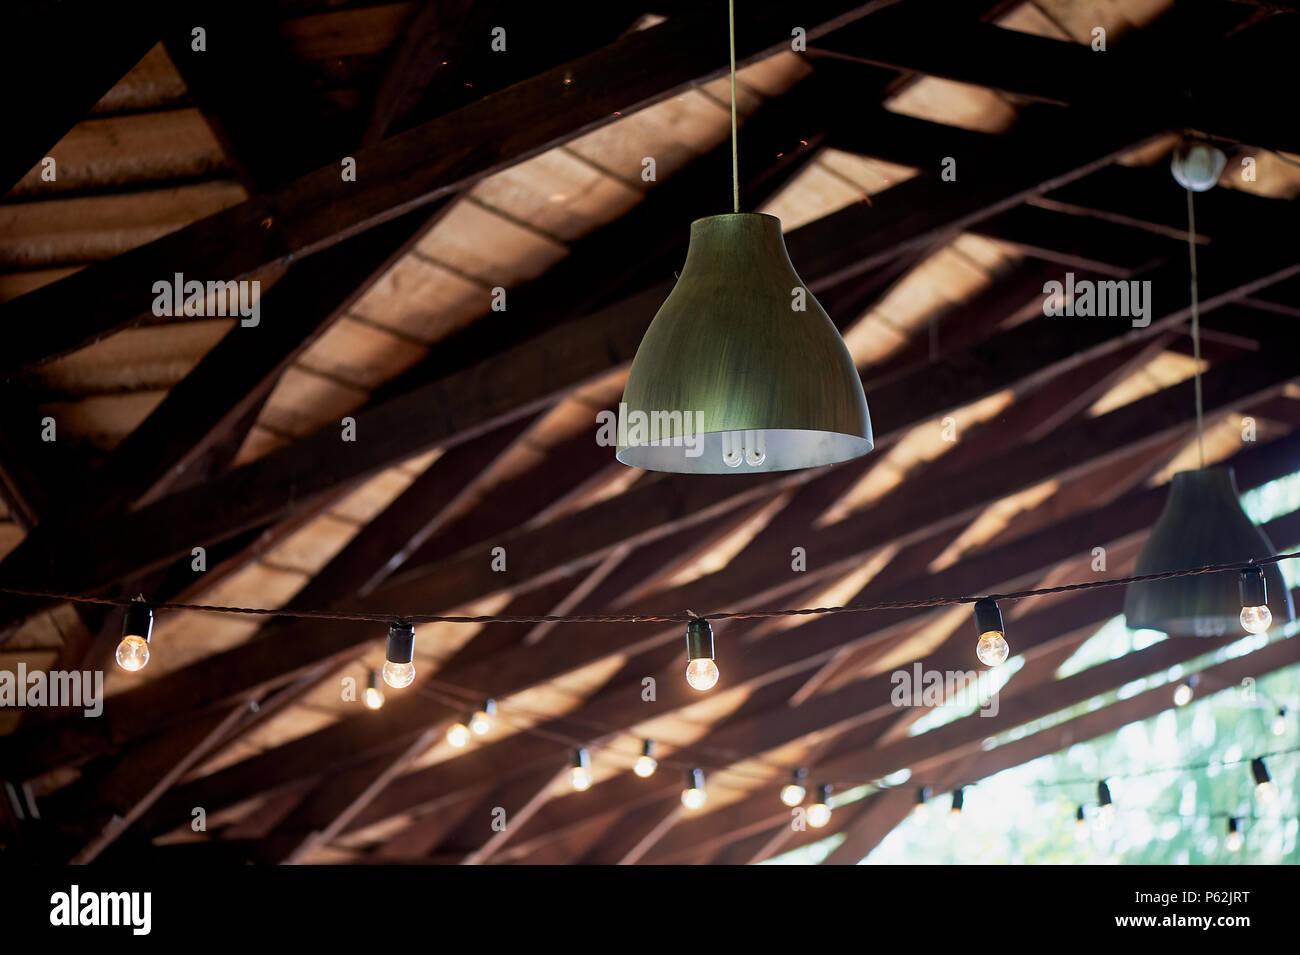 Lampade Sospese Dal Soffitto Di Una Tenda In Legno Terrazza